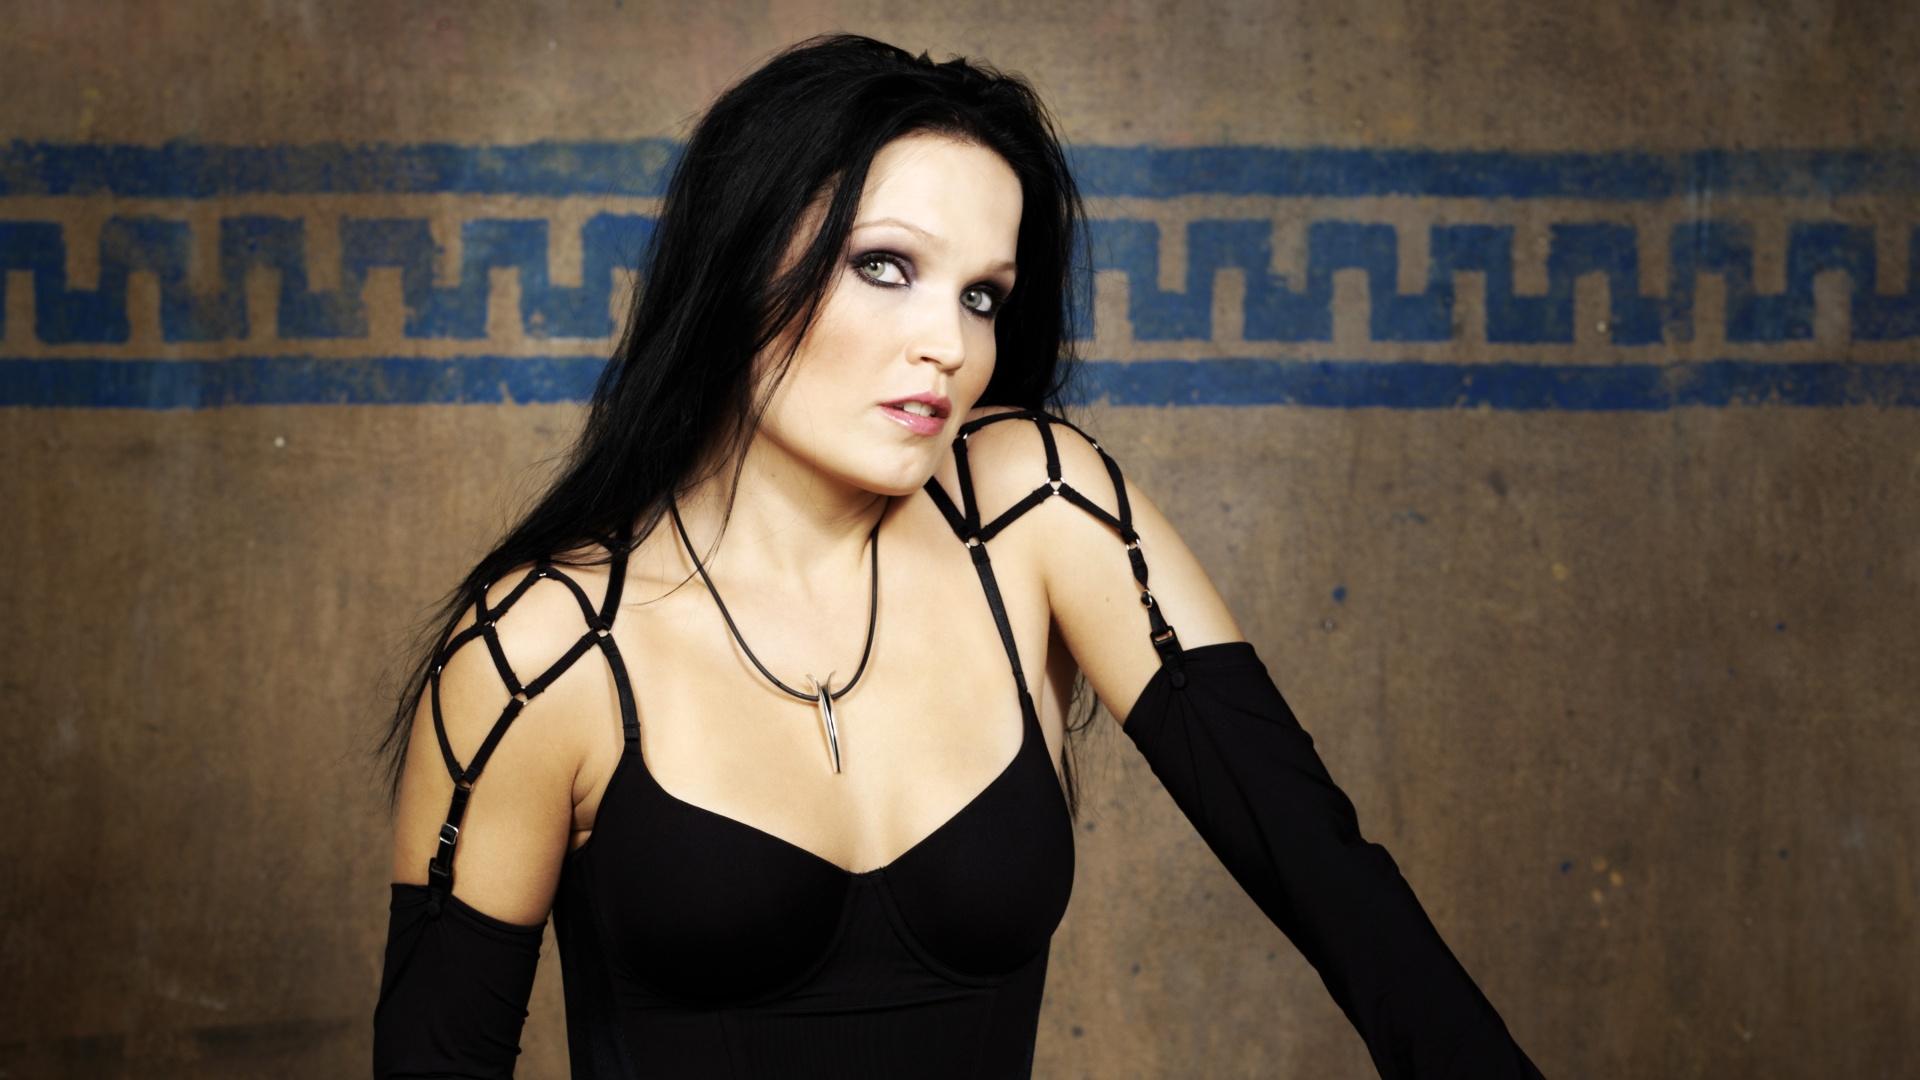 Tarja Turunen lançará novo álbum em agosto. Veja capa!